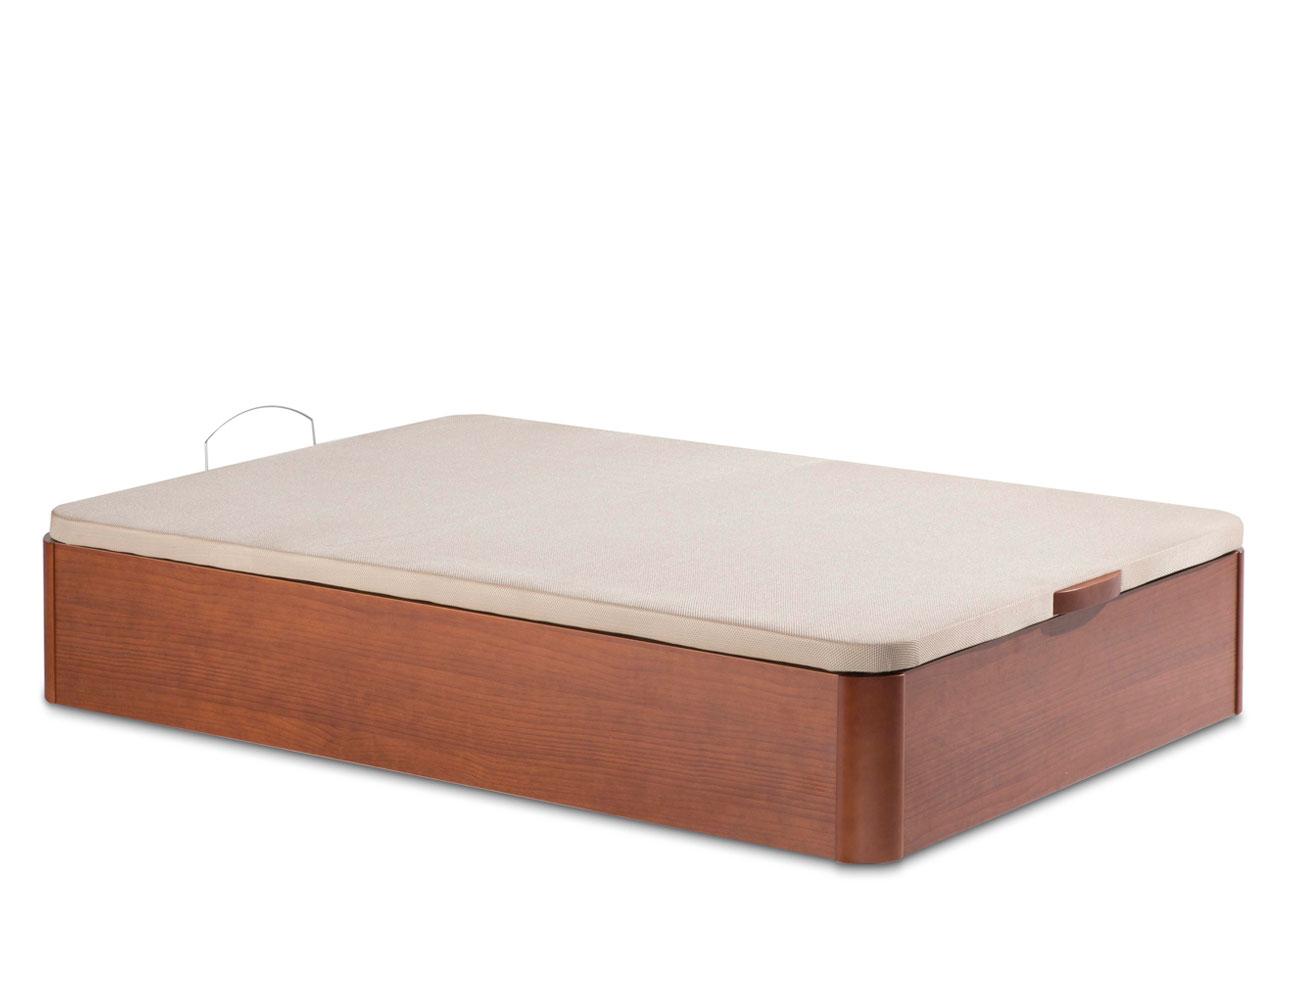 Canape madera base 3d 738